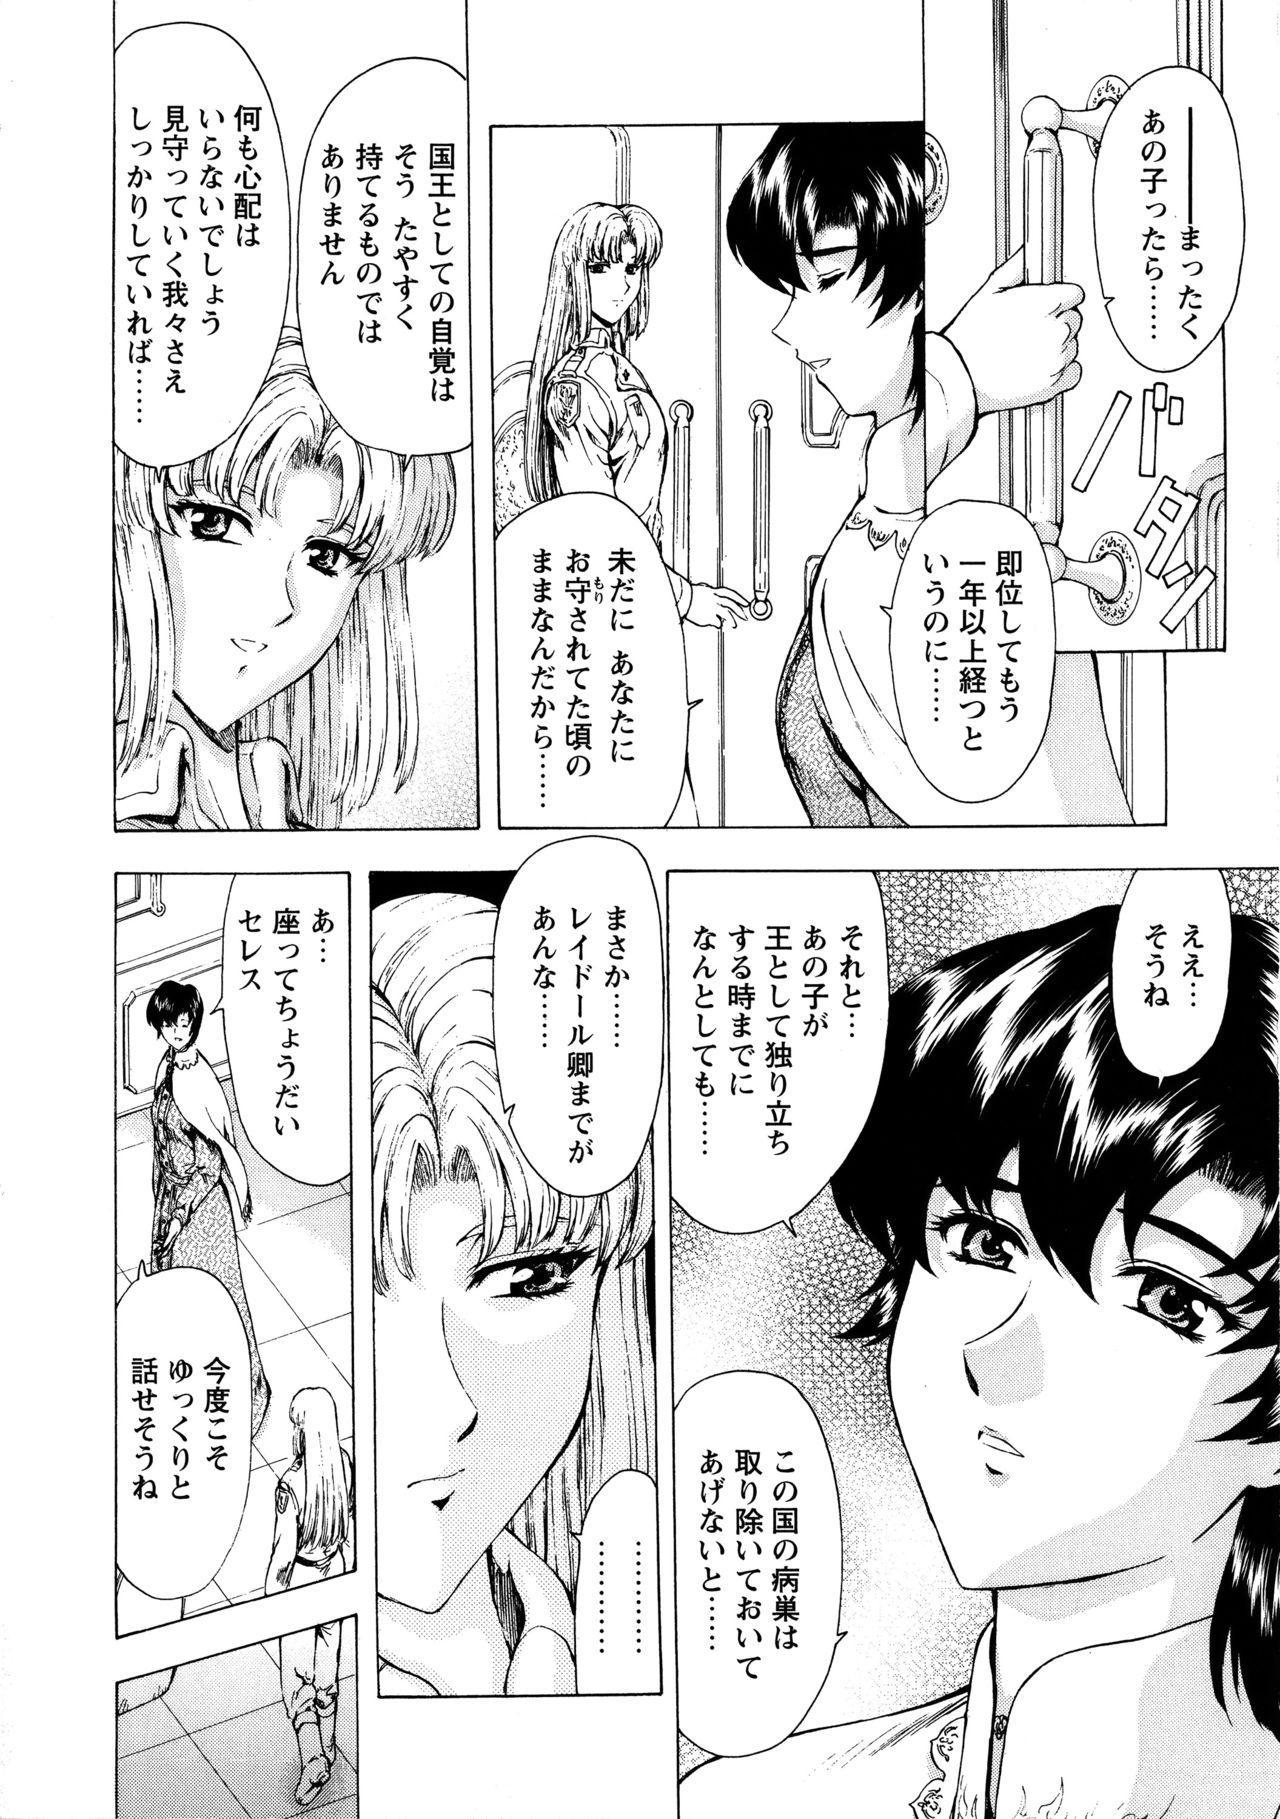 Ginryuu no Reimei Vol. 1 61